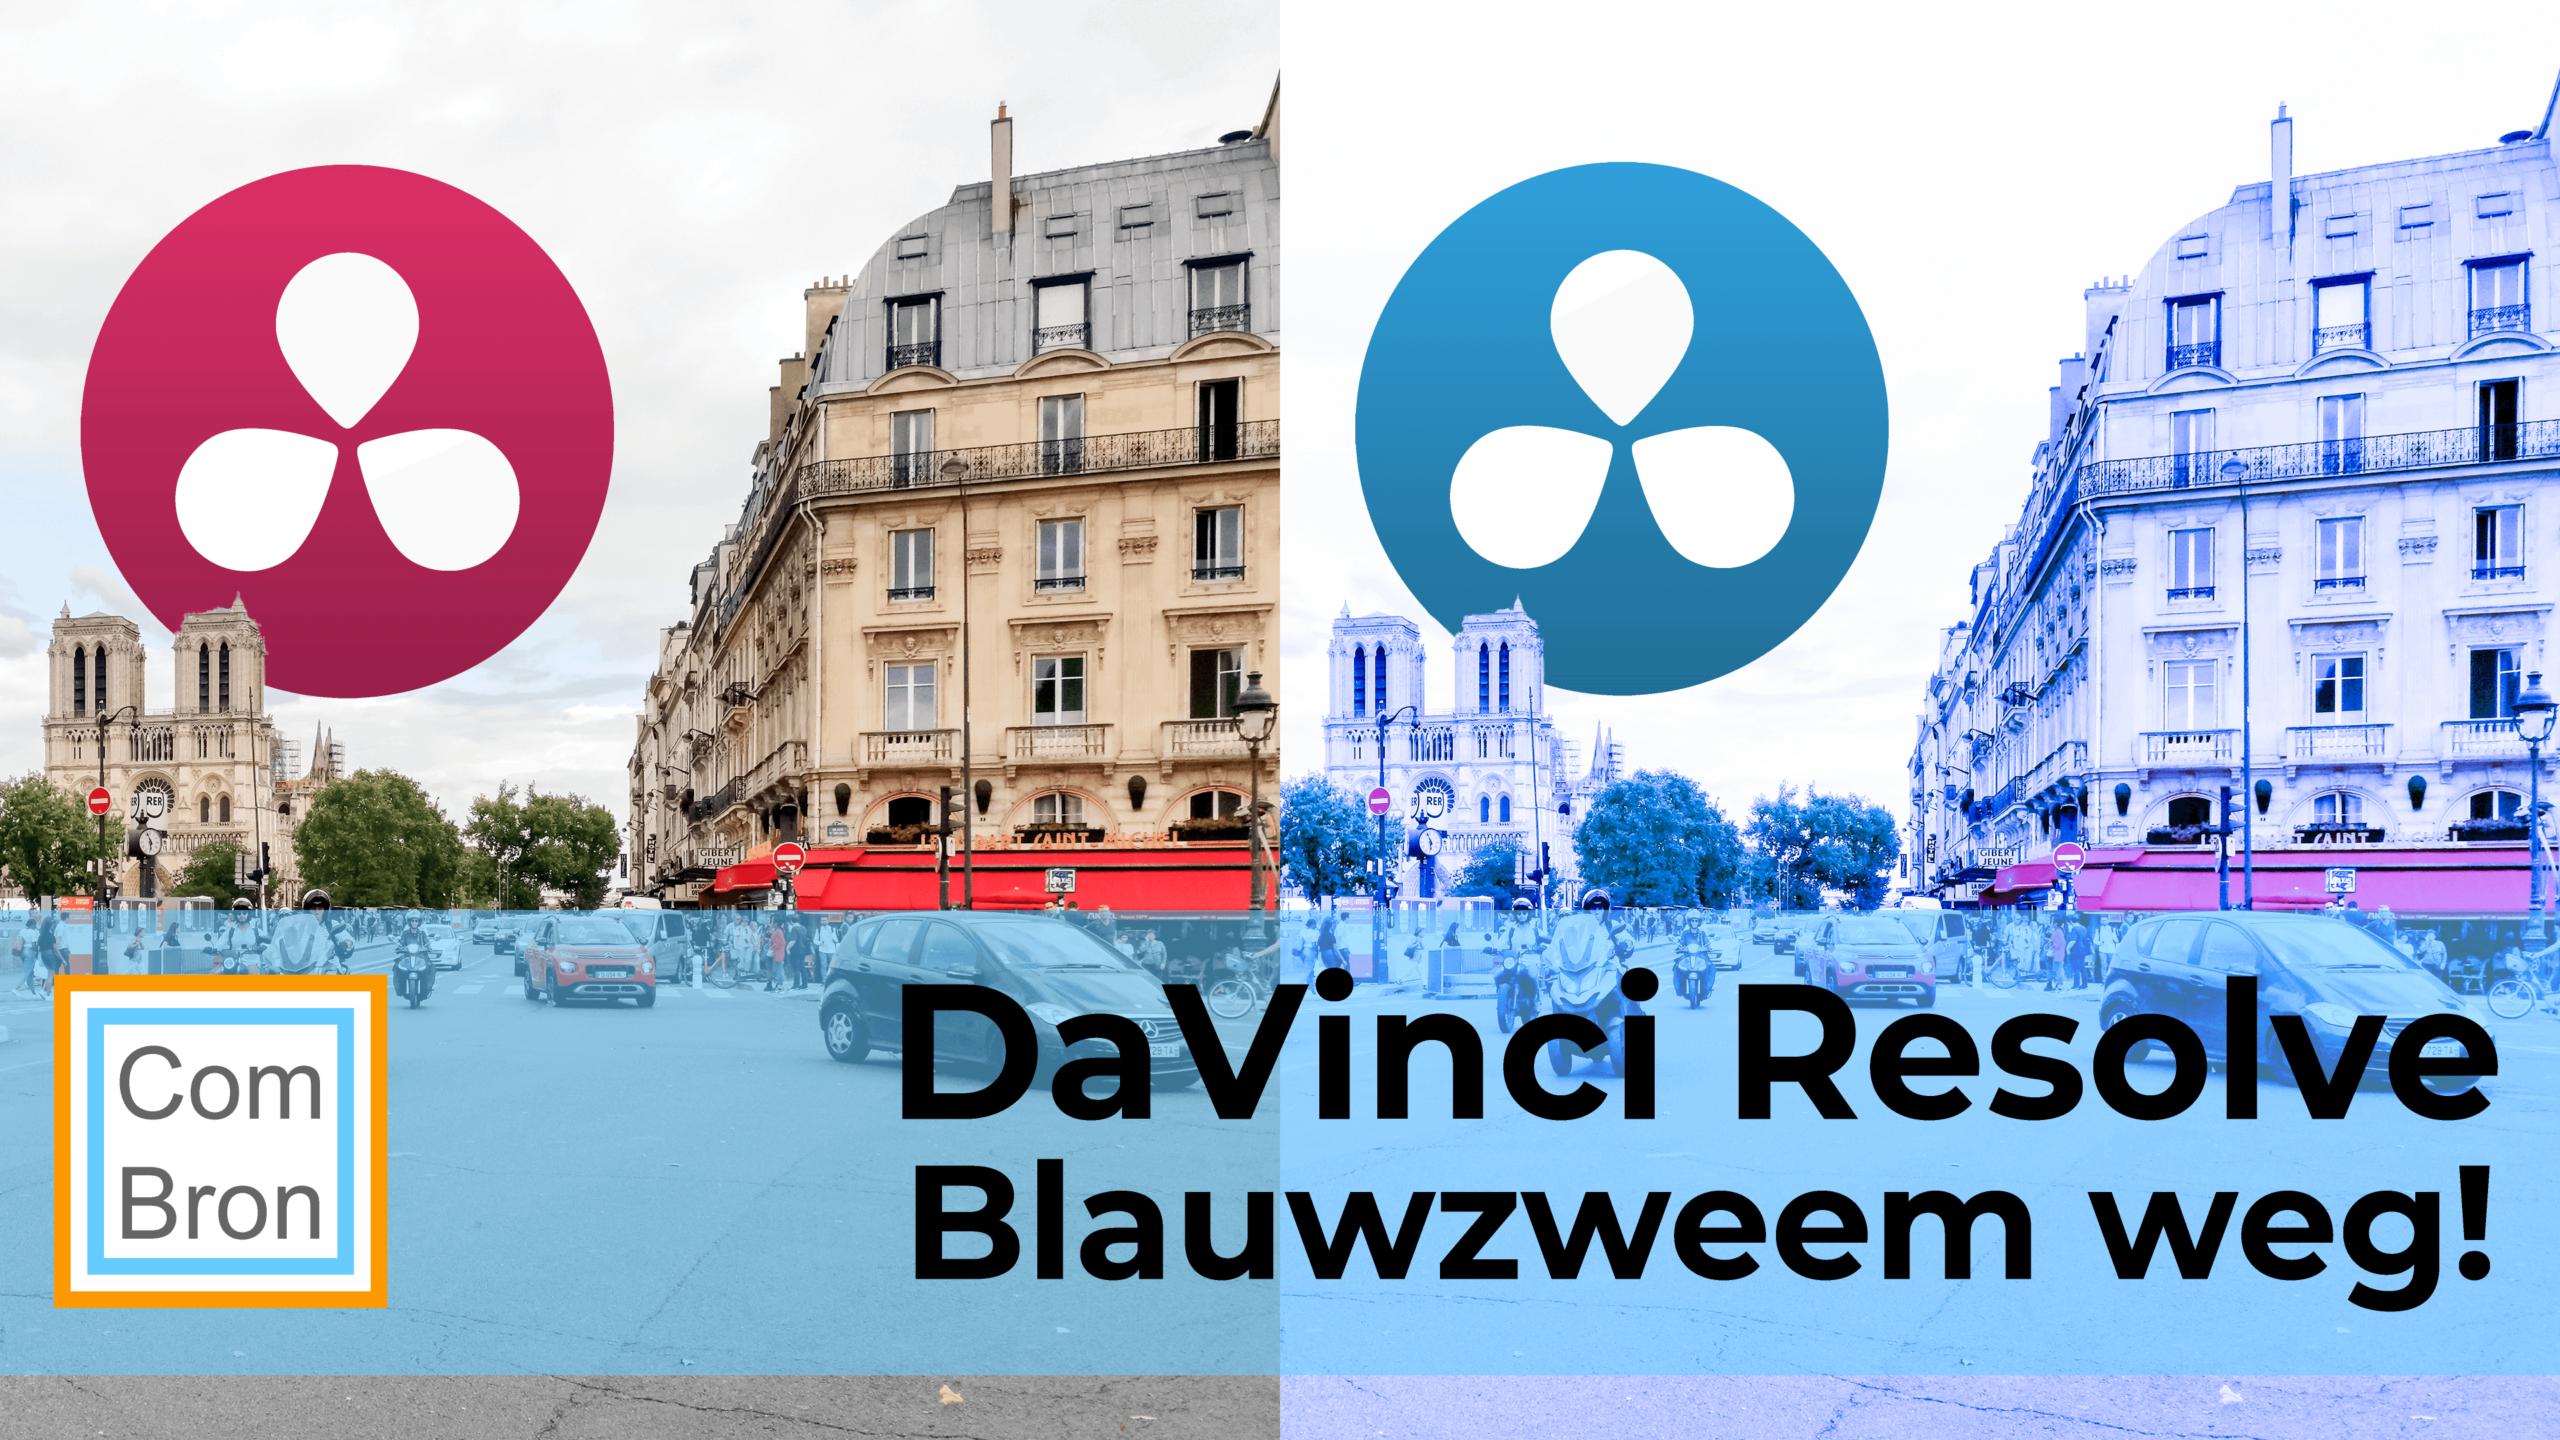 Blauwzweem in video verhelpen met DaVinci Resolve door white balance aan te passen.